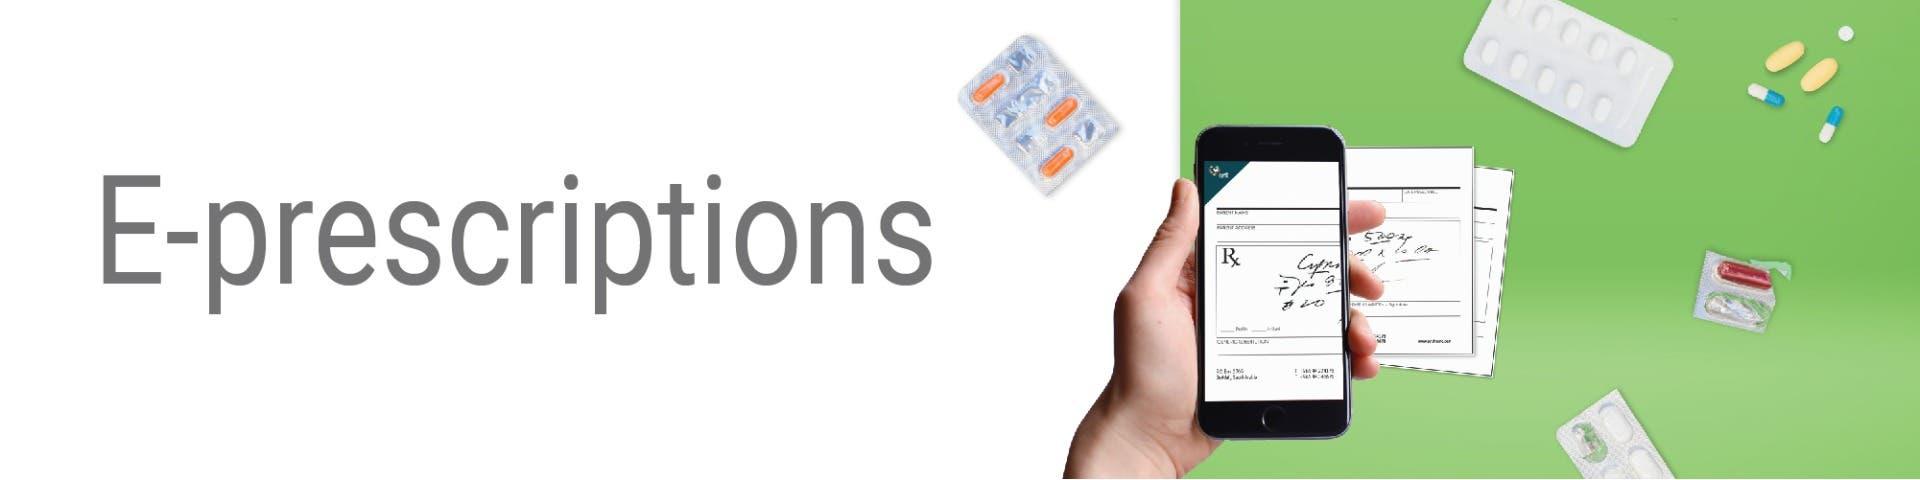 Dispense prescriptions